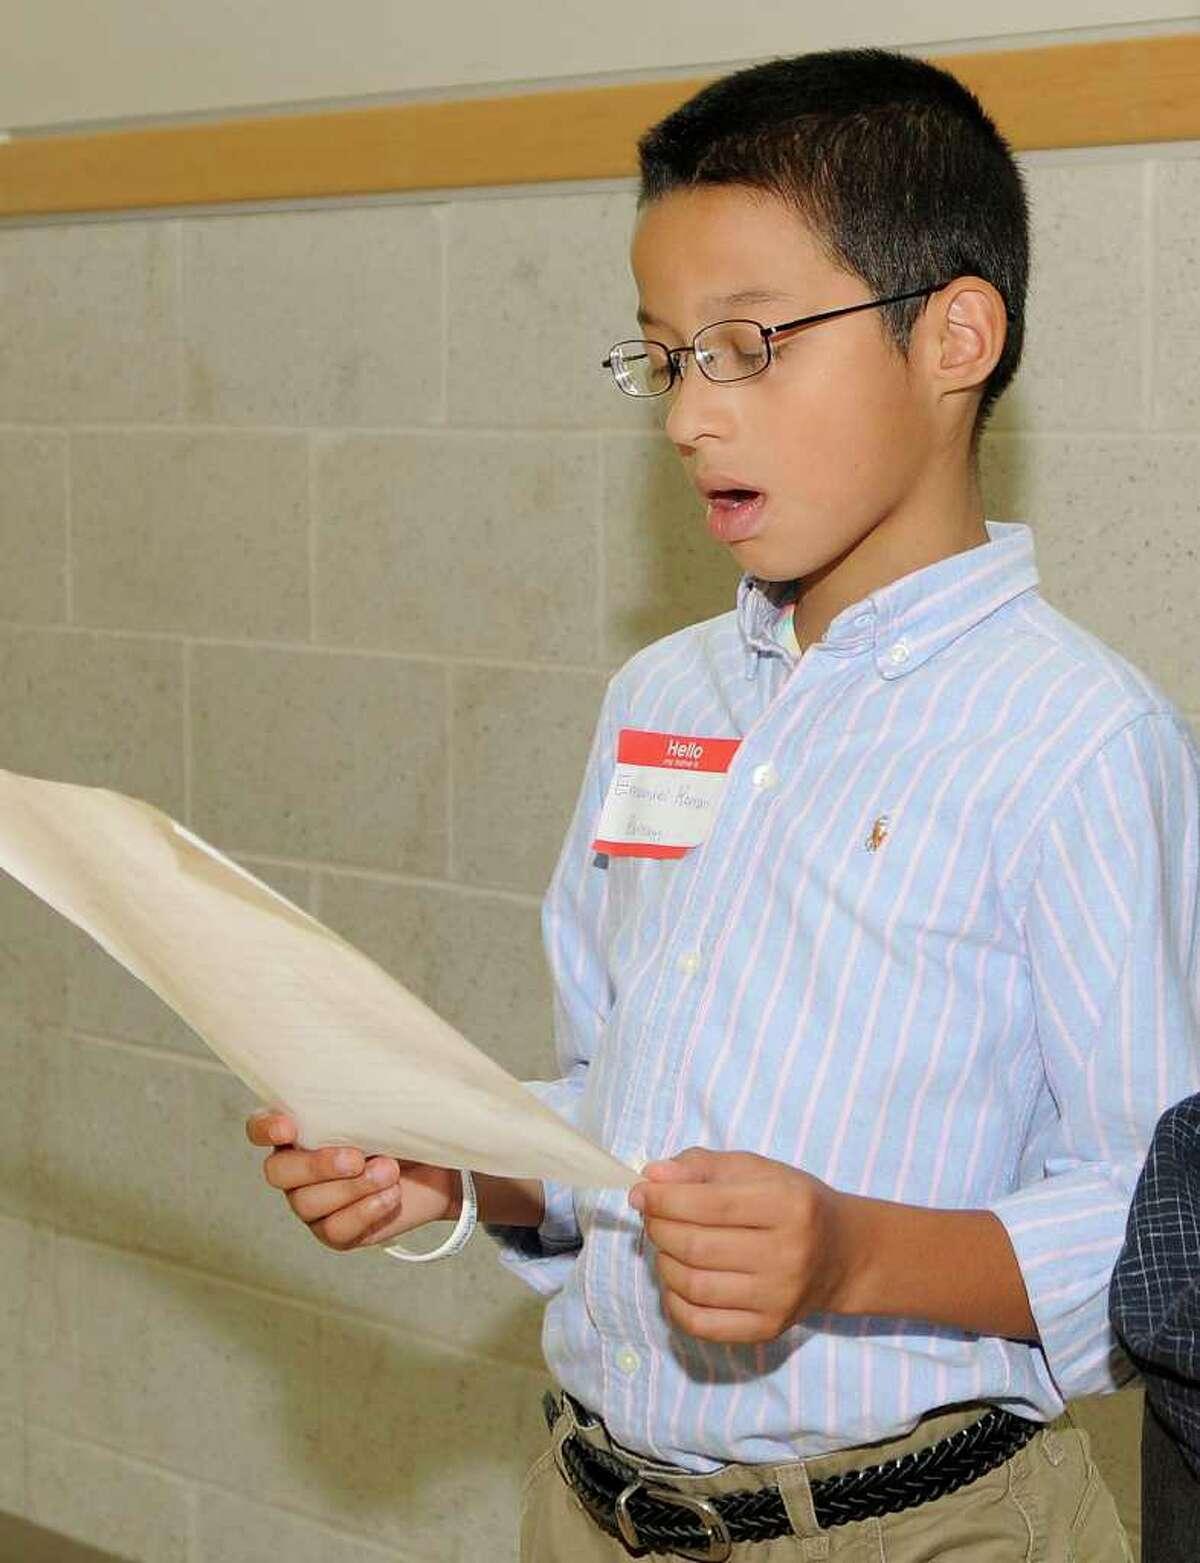 Emanuel Roman, 11, recites a